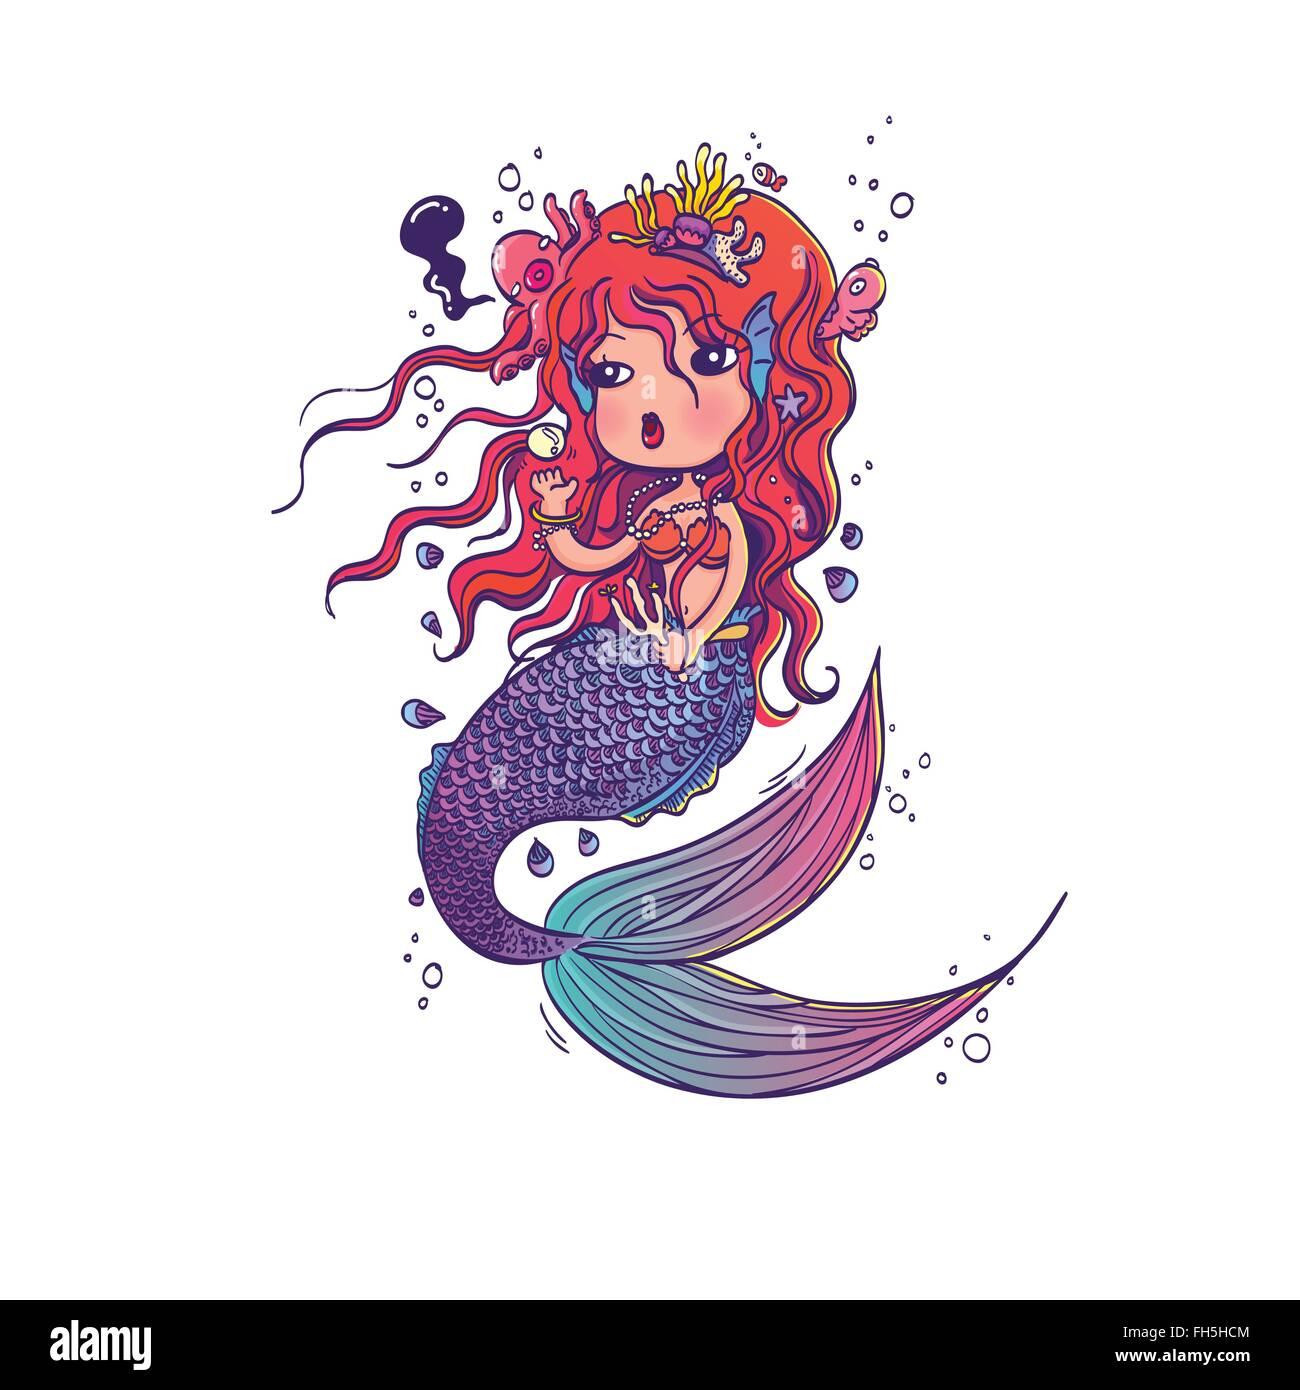 Meerjungfrau Gezeichnet